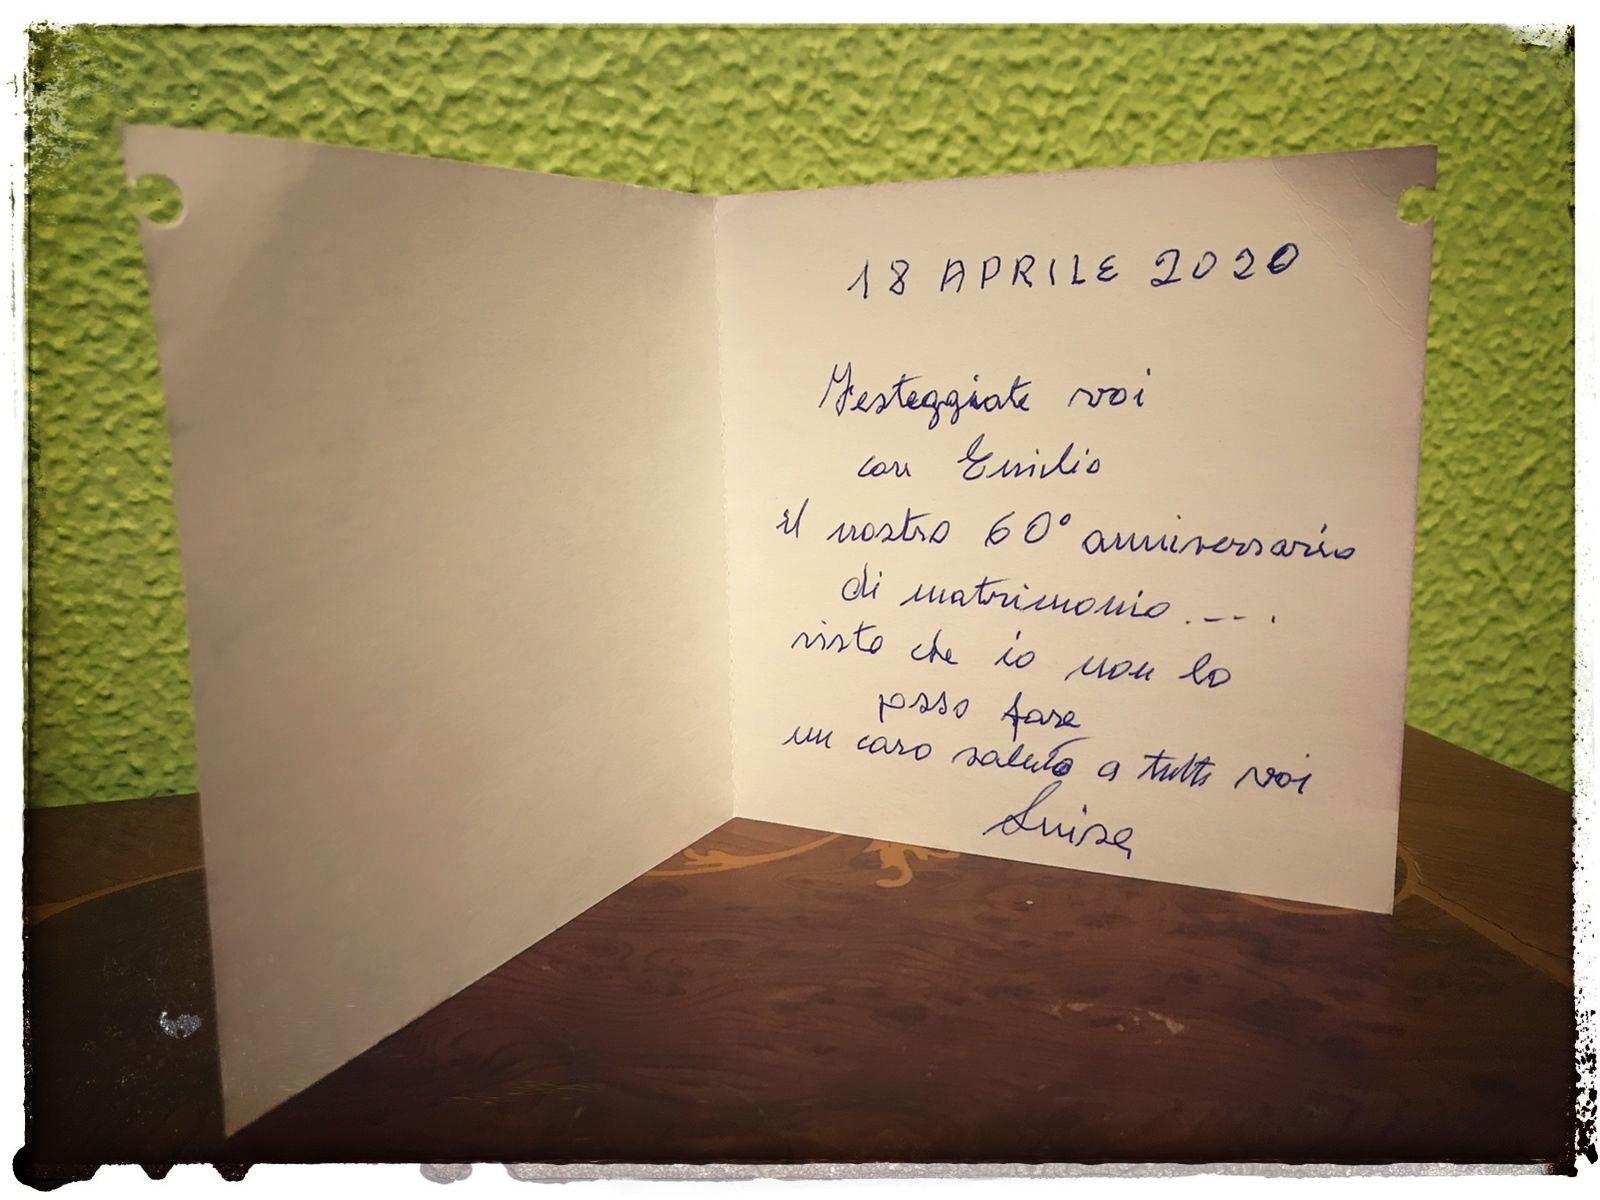 Anniversario Di Matrimonio Lombardia.Non Possono Trascorrere Il 60esimo Anniversario Insieme Il